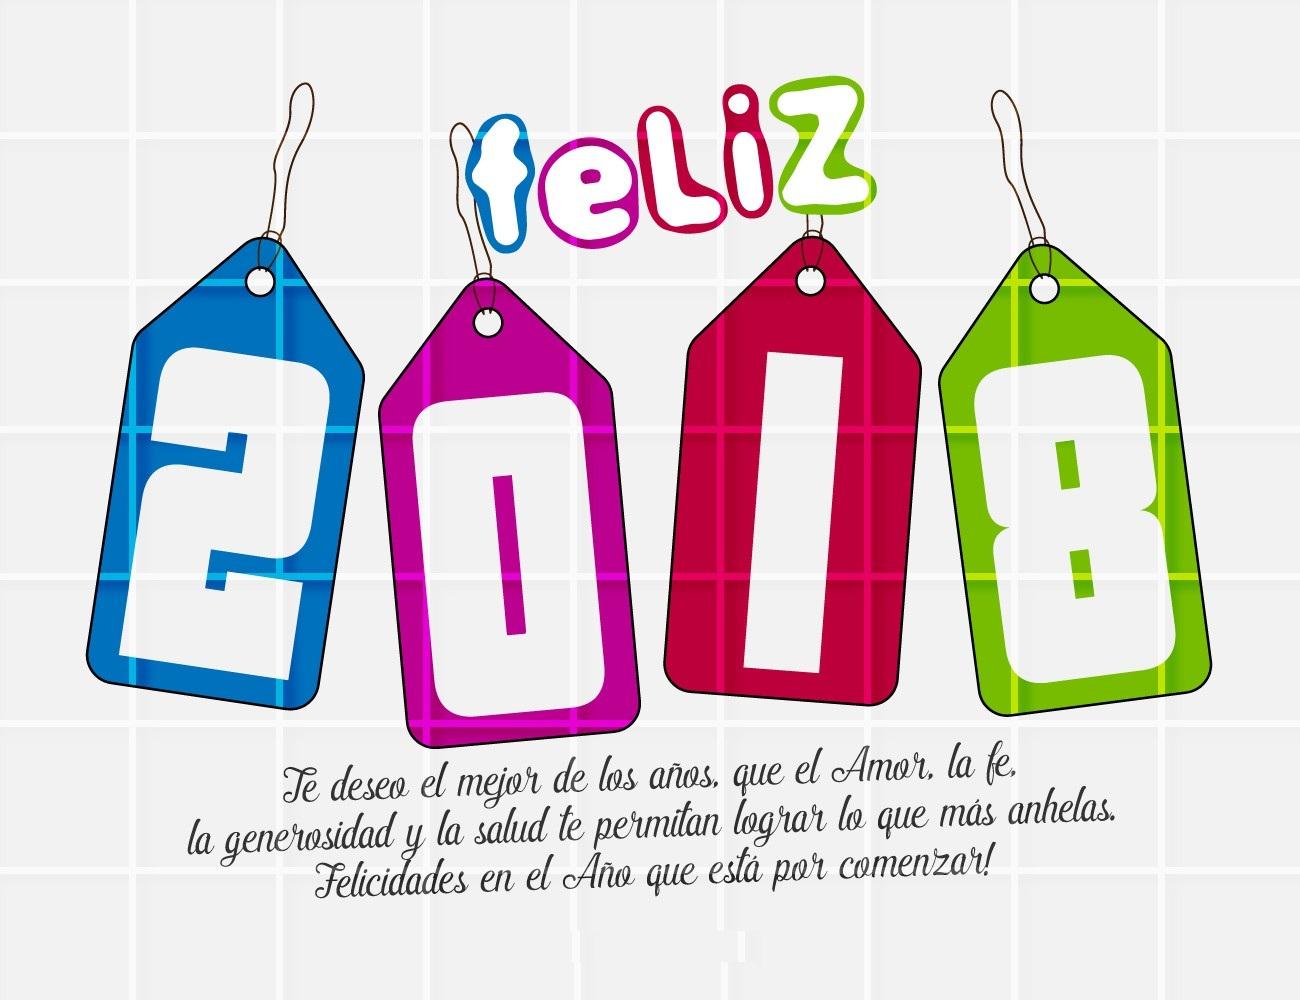 Doce meses, cuatro estaciones, un corazón alegre y unos ojos soñadores… Feliz Año Nuevo 2018!